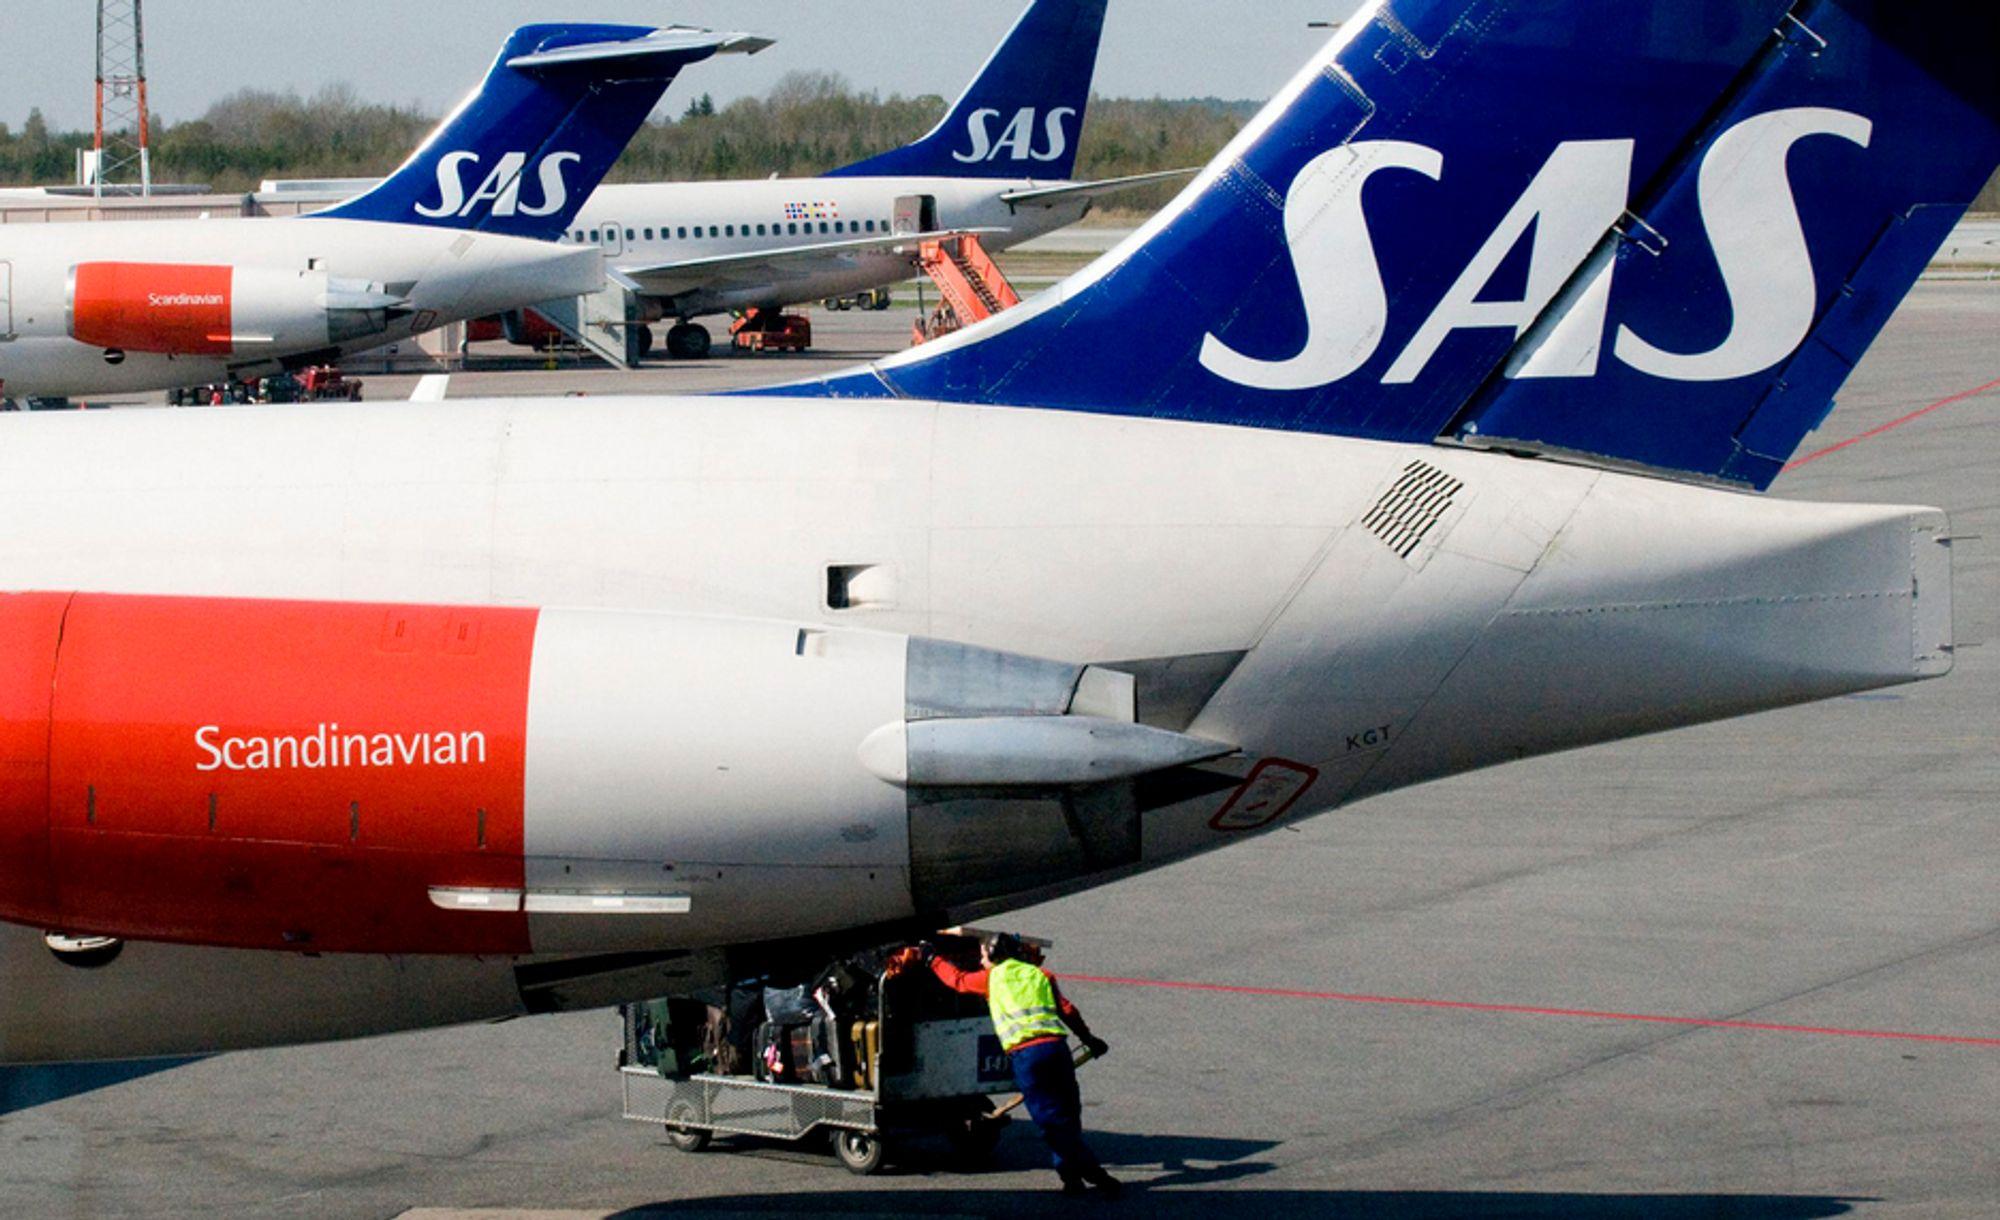 SAS-flyene slipper nå ut 128 gram CO2 per passasjerkilometer - mindre enn enn norsk gjennomsnittsbil.